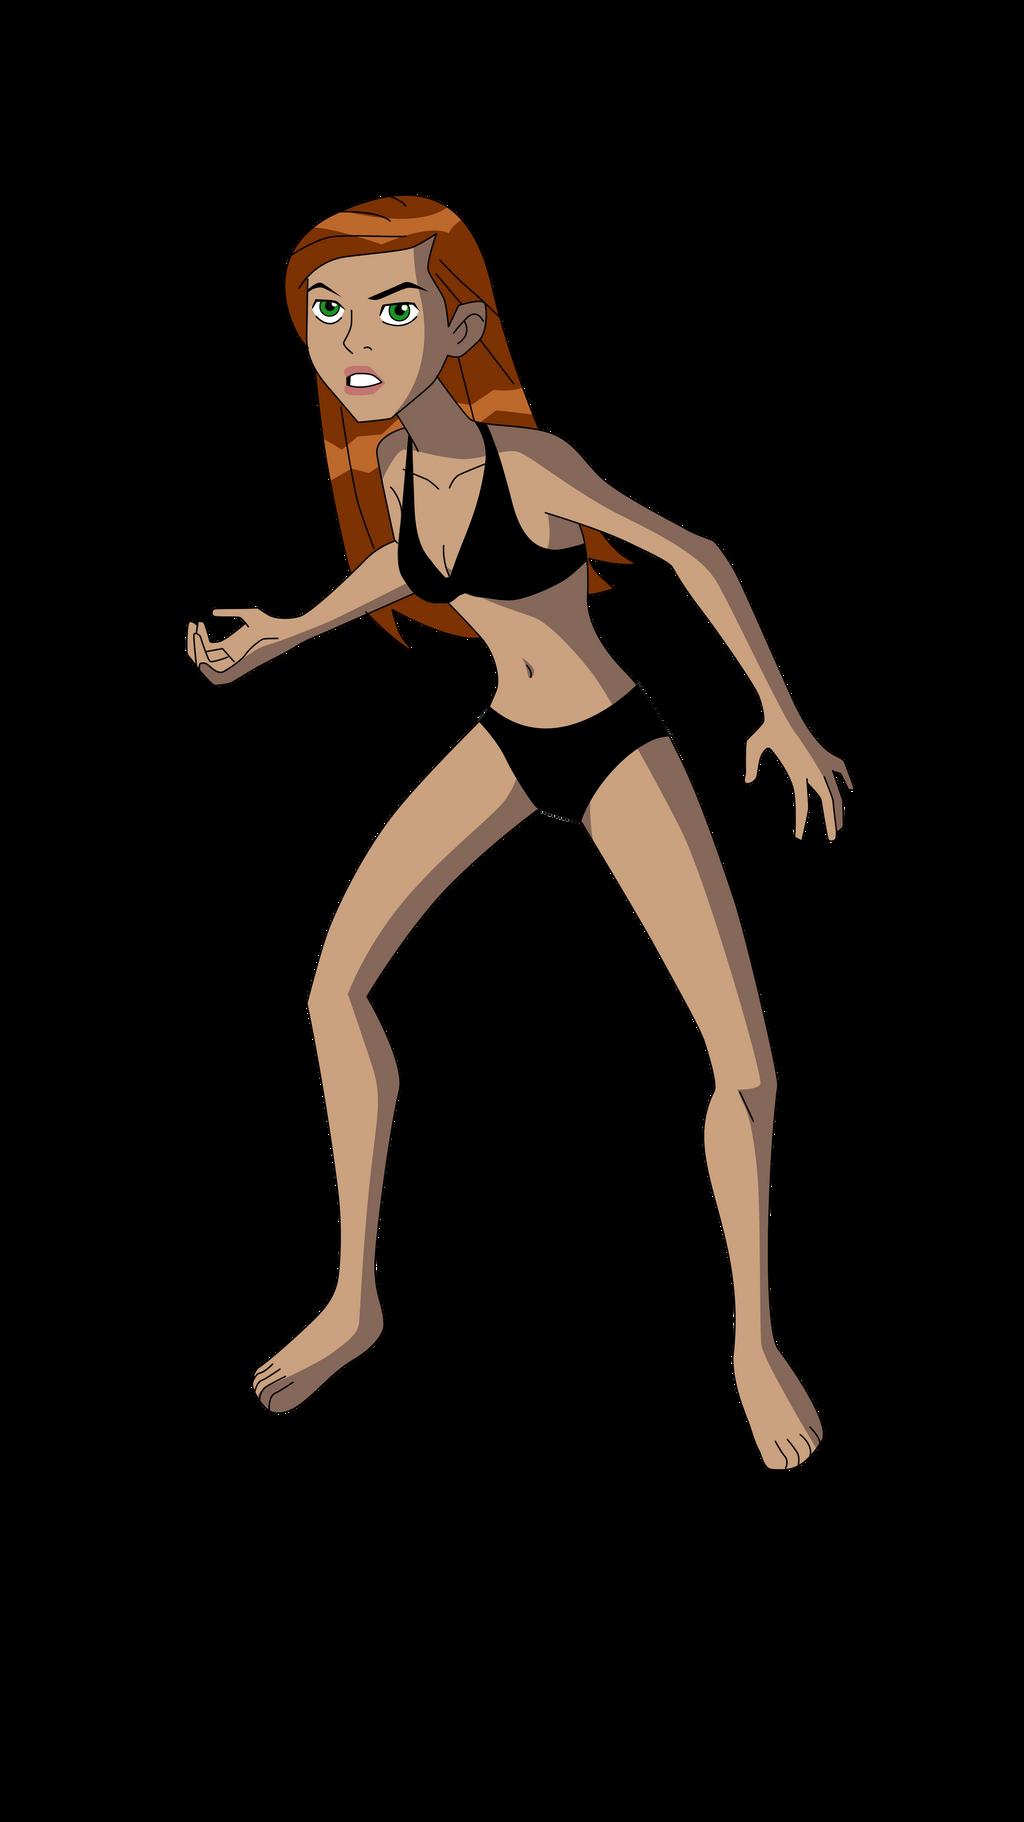 Gorella girl hot sex